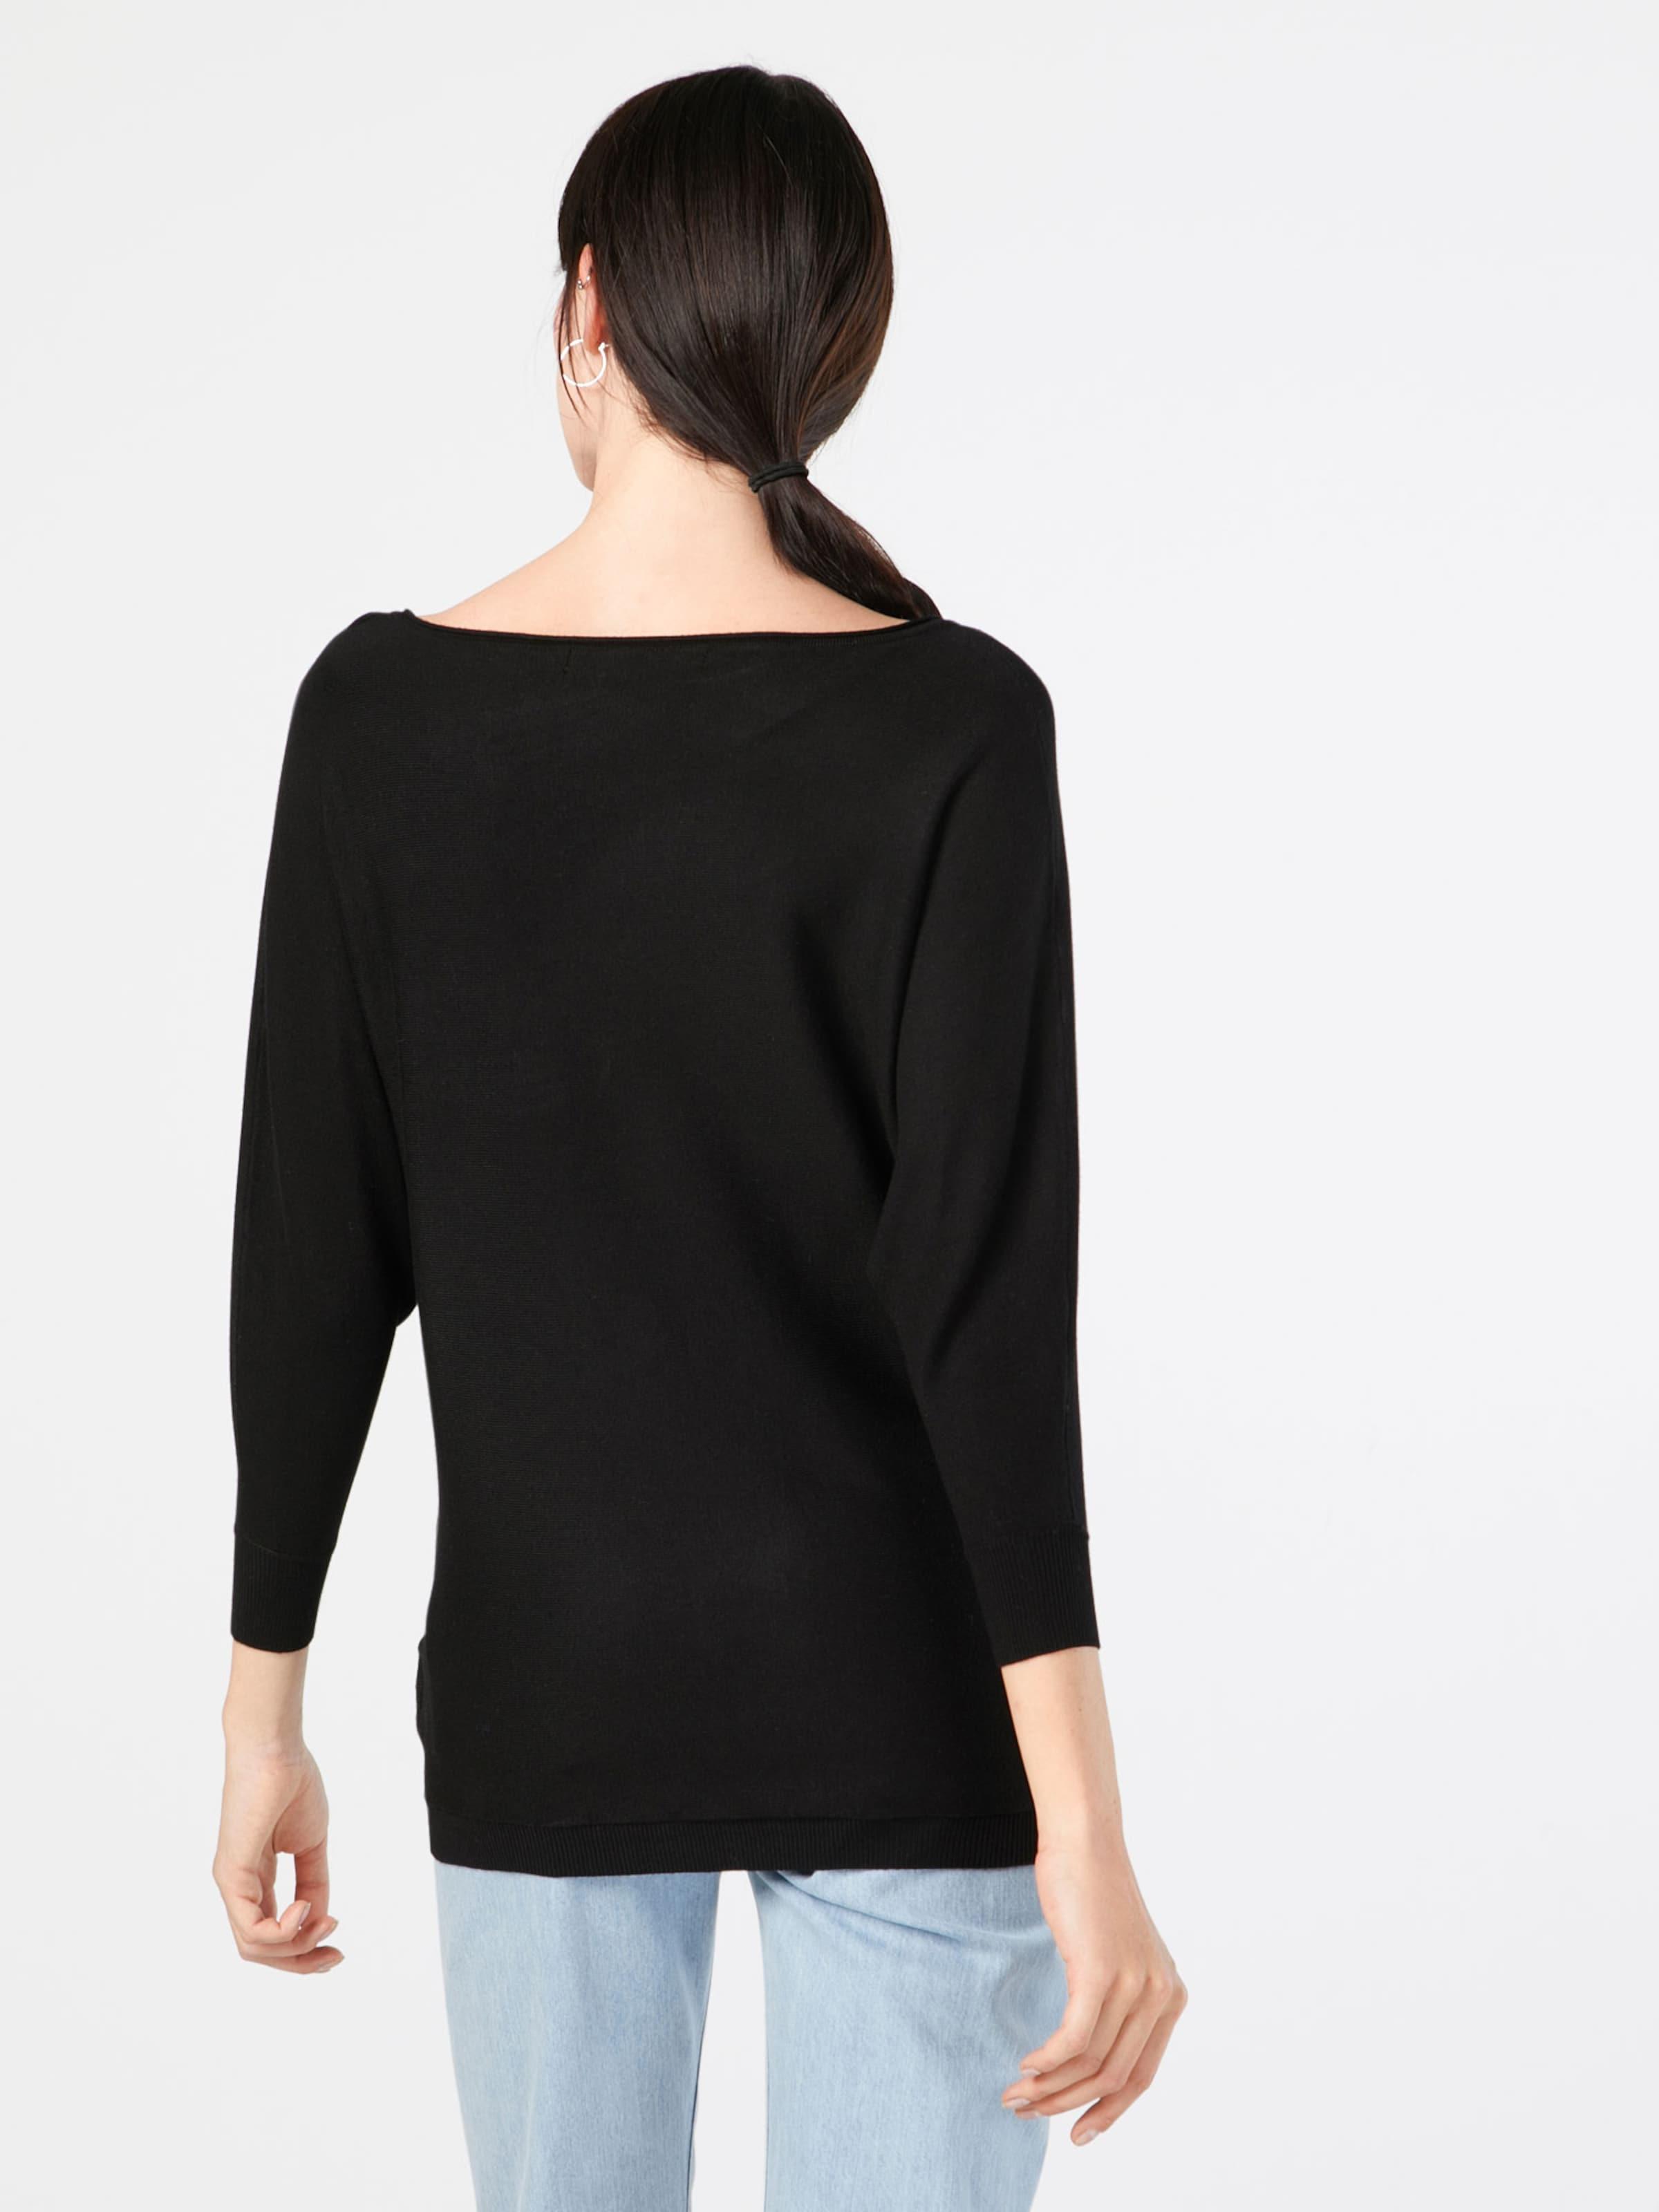 Outlet Top-Qualität Spielraum Fabrikverkauf GUESS Sweater 'AMELIE' Freies Verschiffen Niedrigsten Preis Drop-Shipping Billig Verkauf Mit Paypal V7uBhpK3